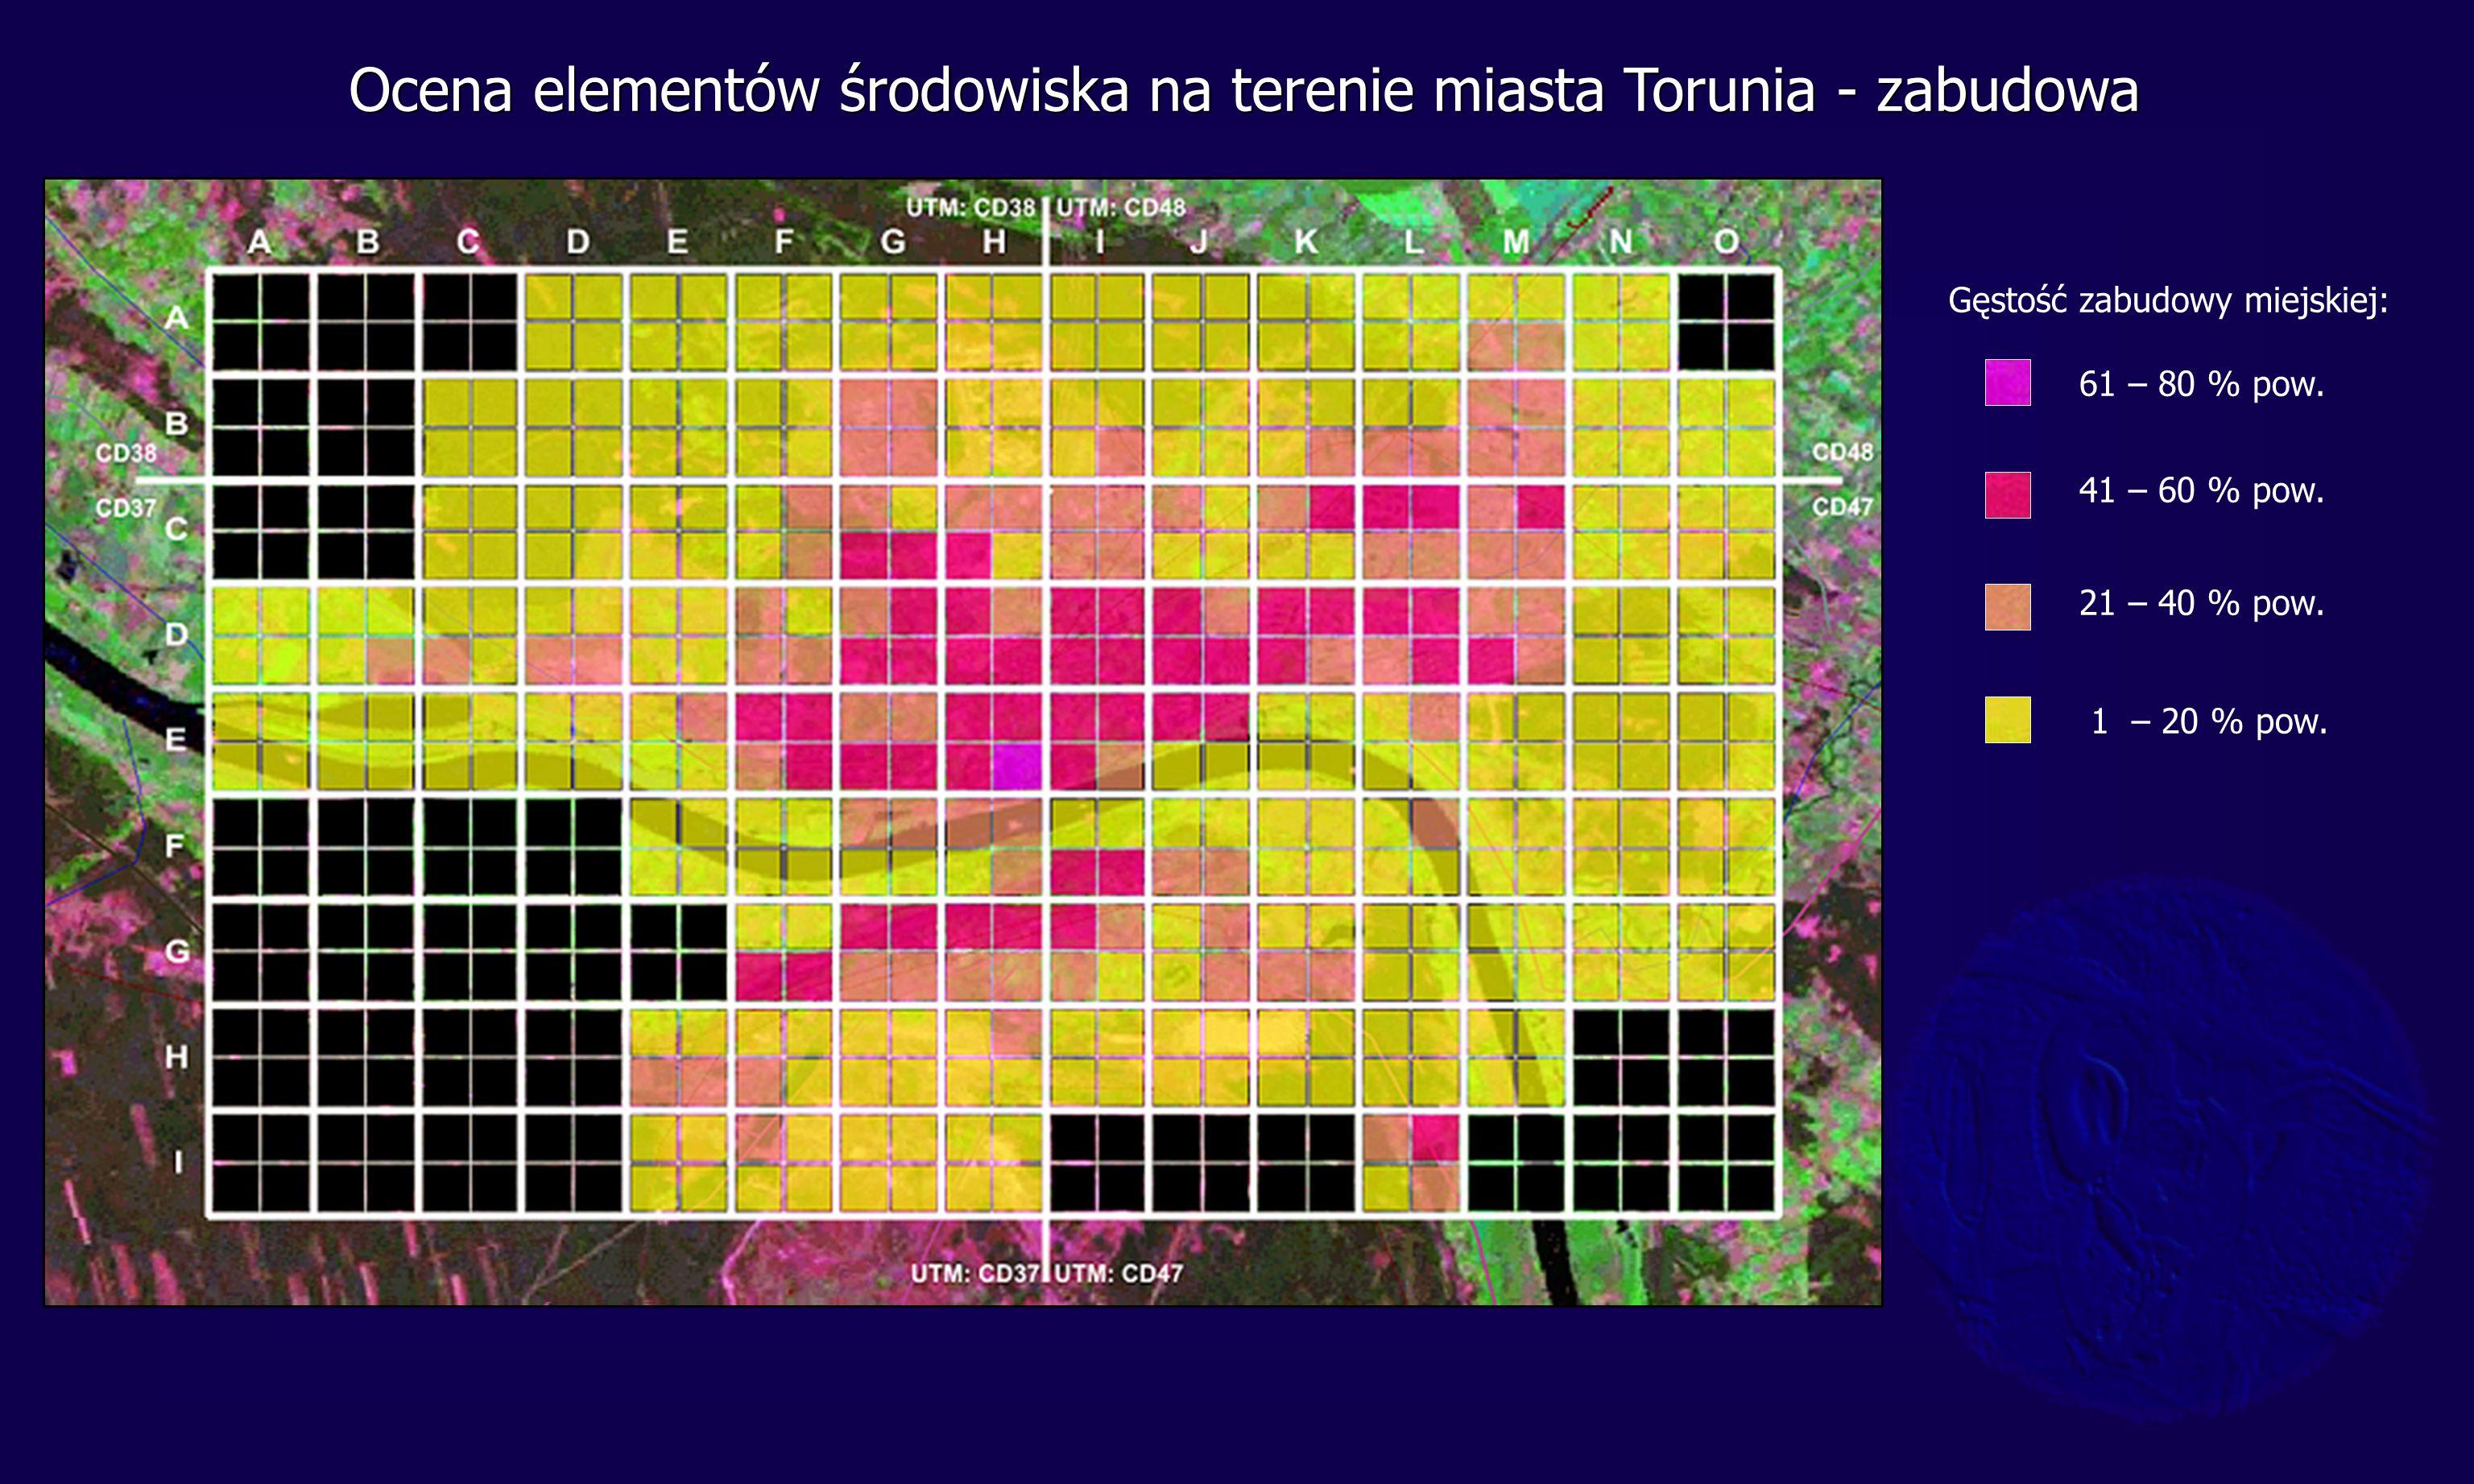 Ocena elementów środowiska na terenie miasta Torunia - zabudowa